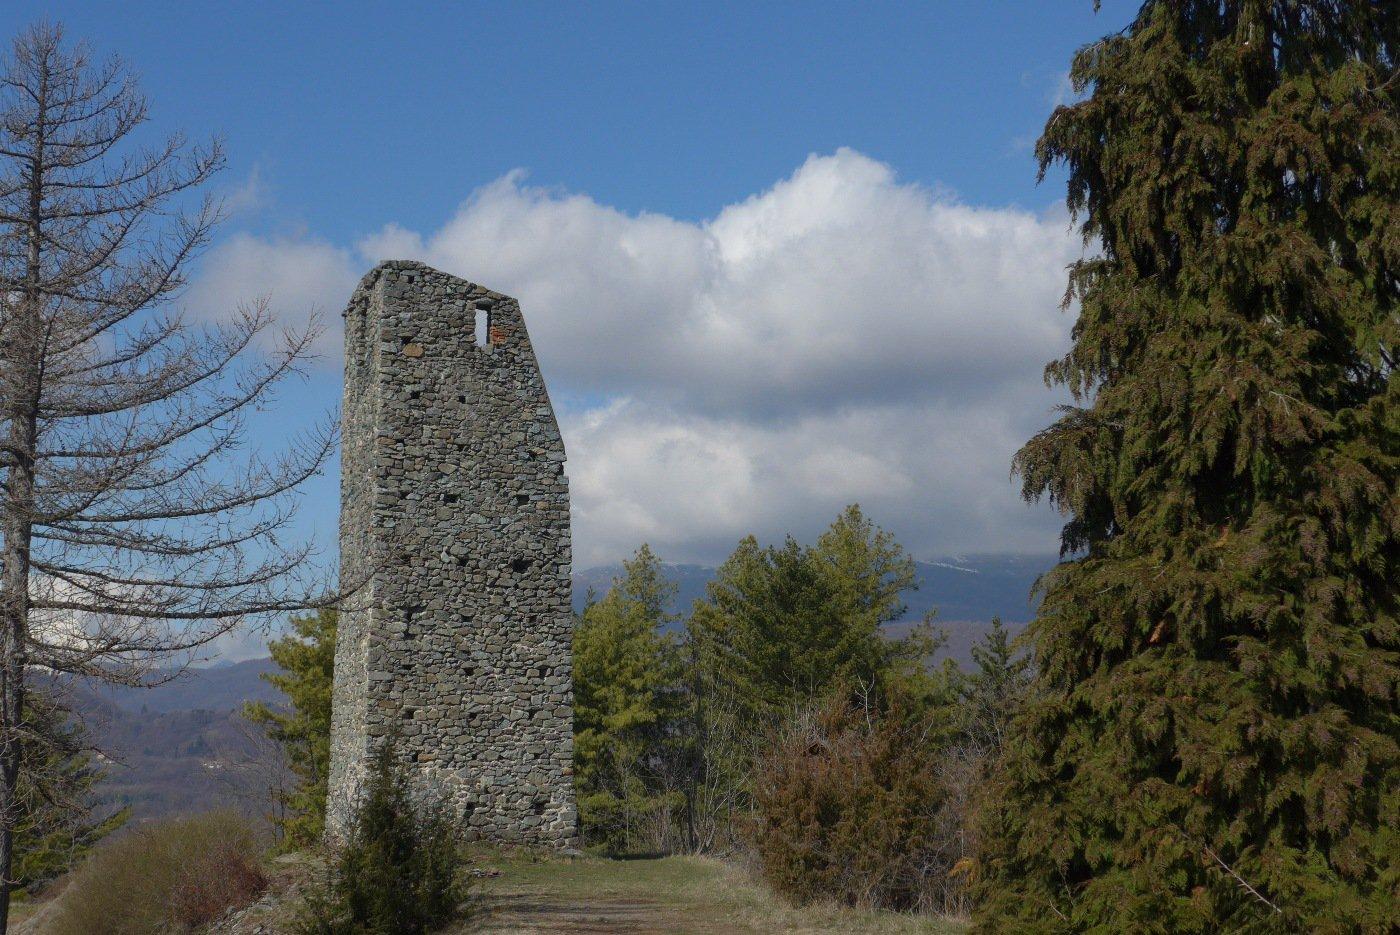 La torre Cives